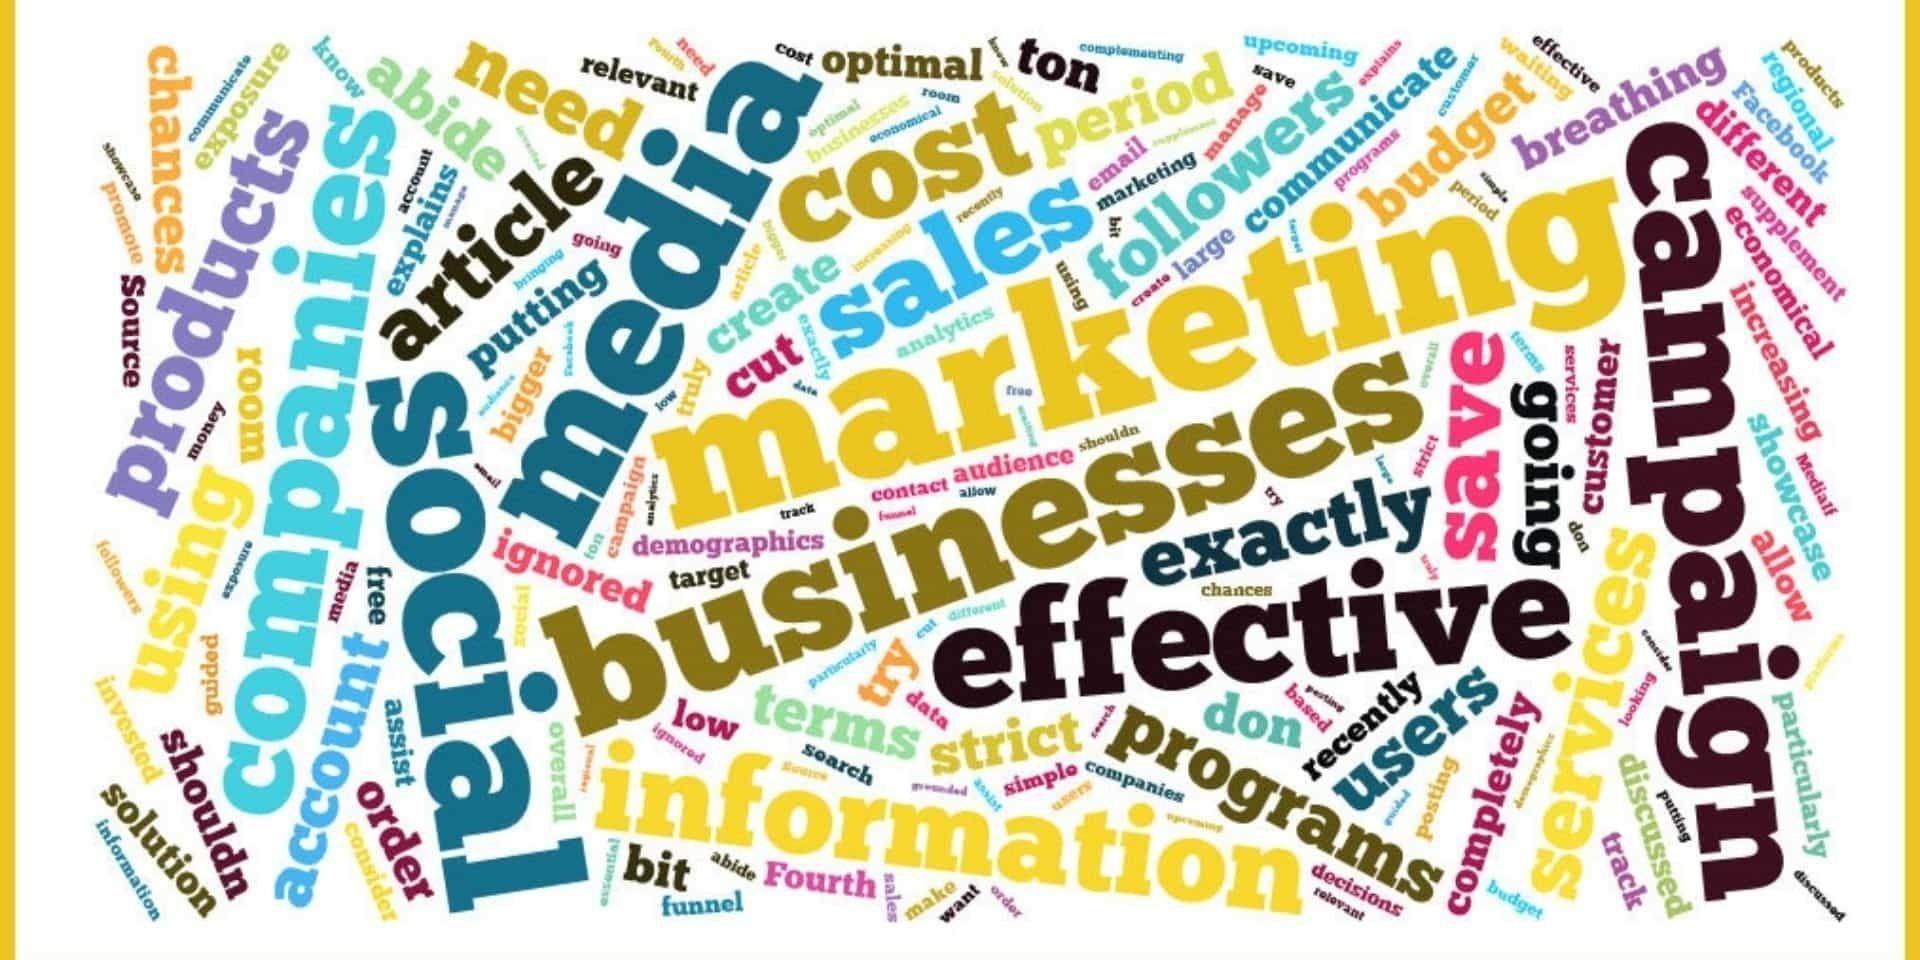 social media as marketing